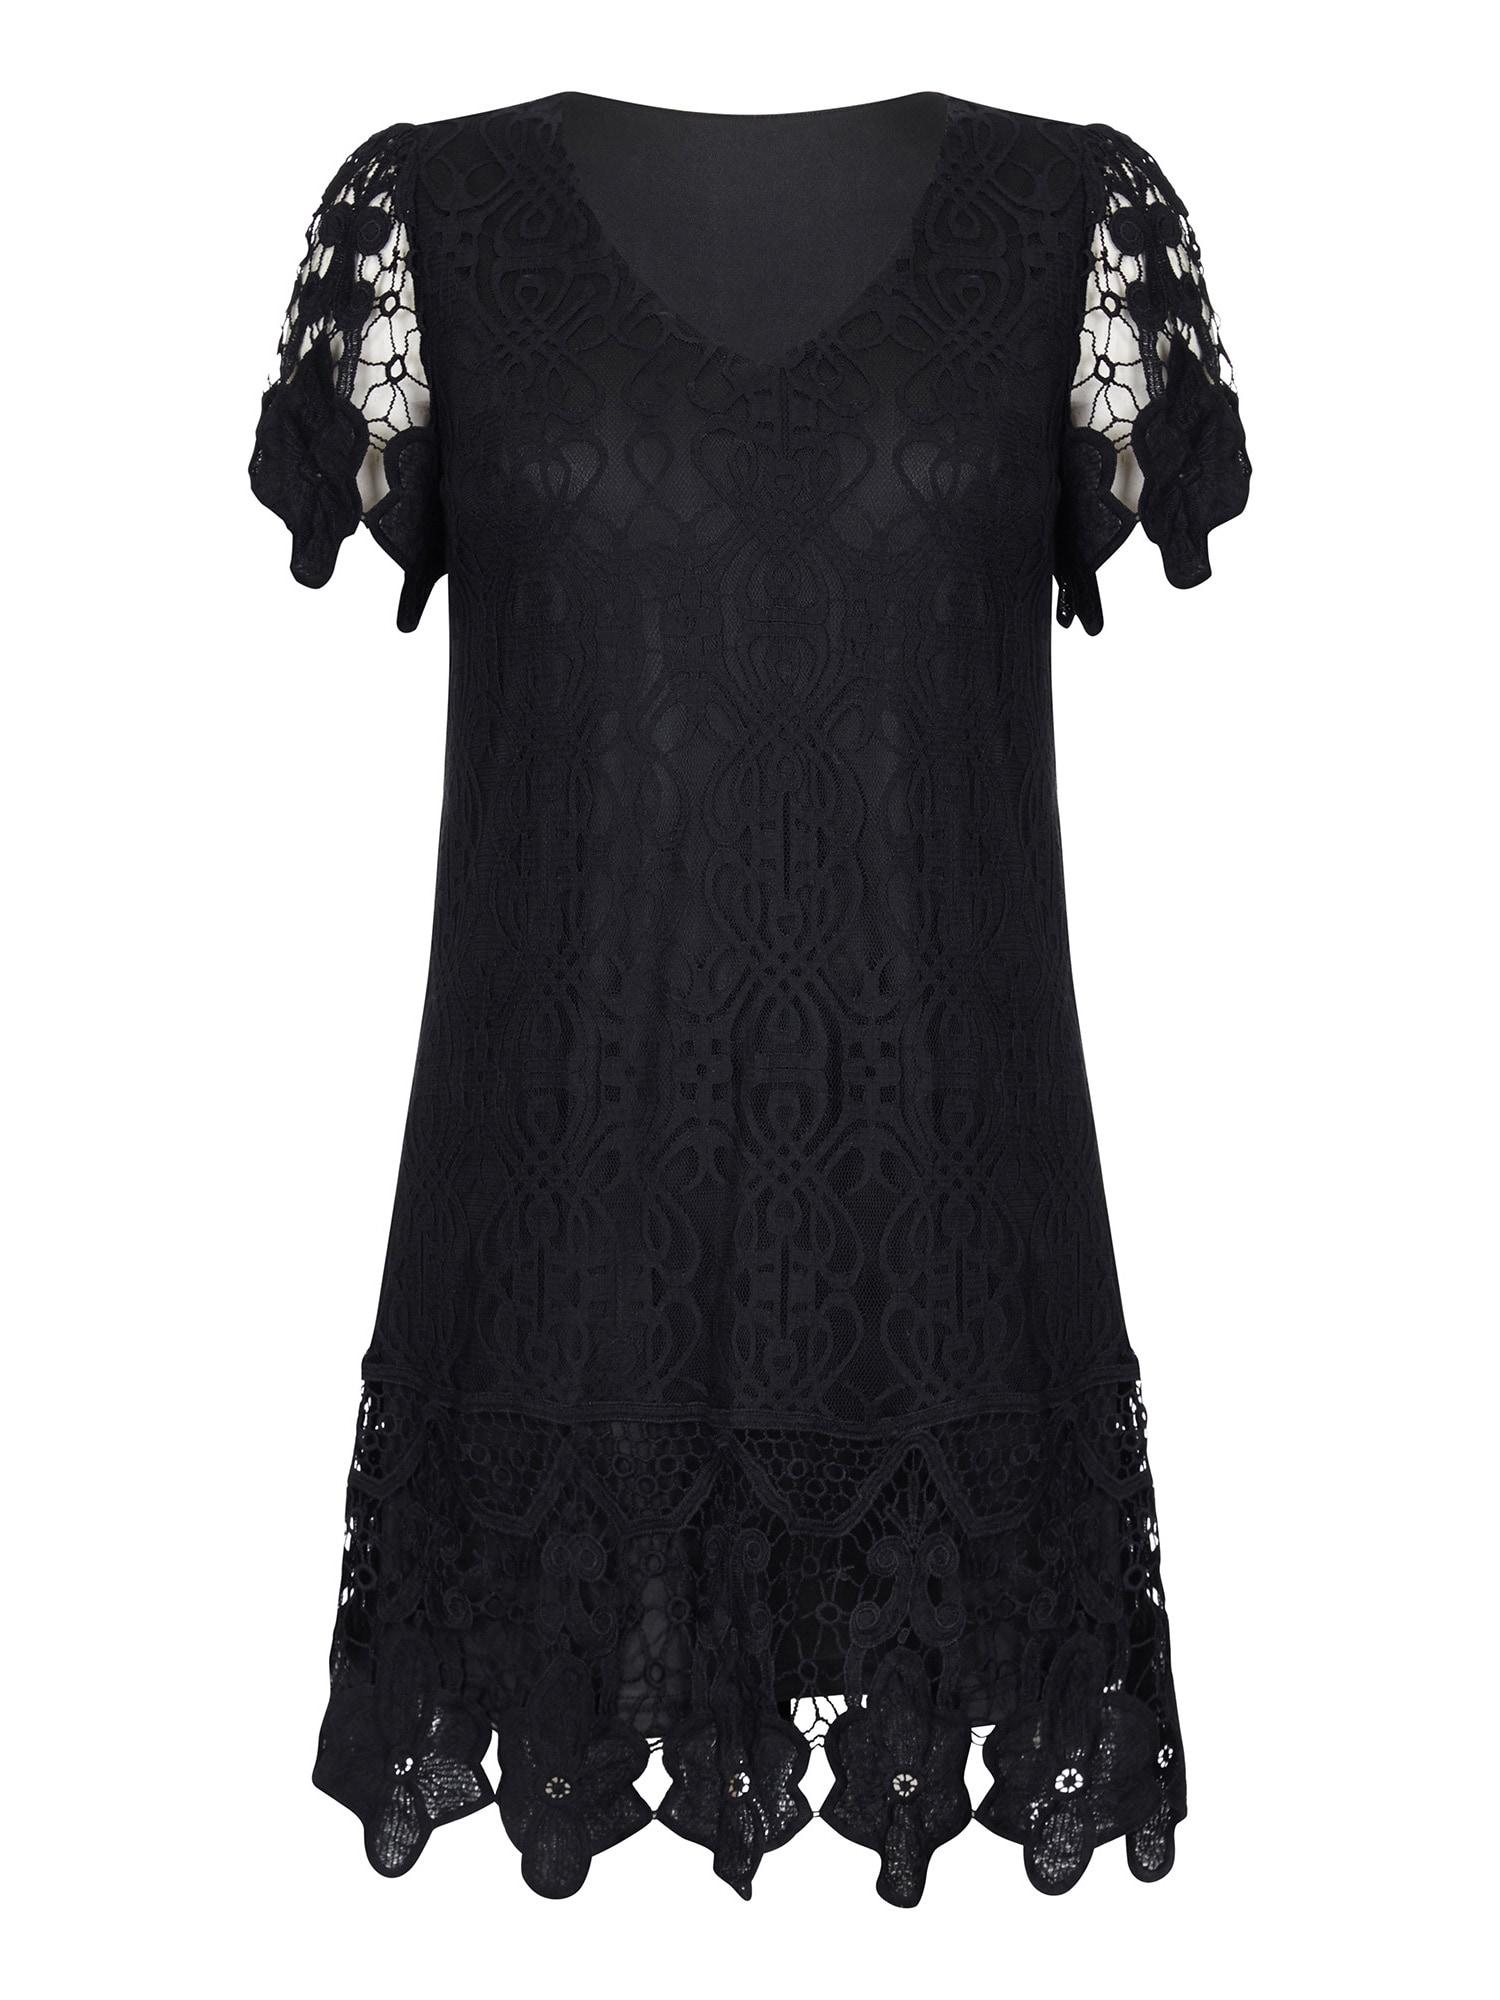 Koktejlové šaty V NECK BORDER LACE DRESS černá Mela London